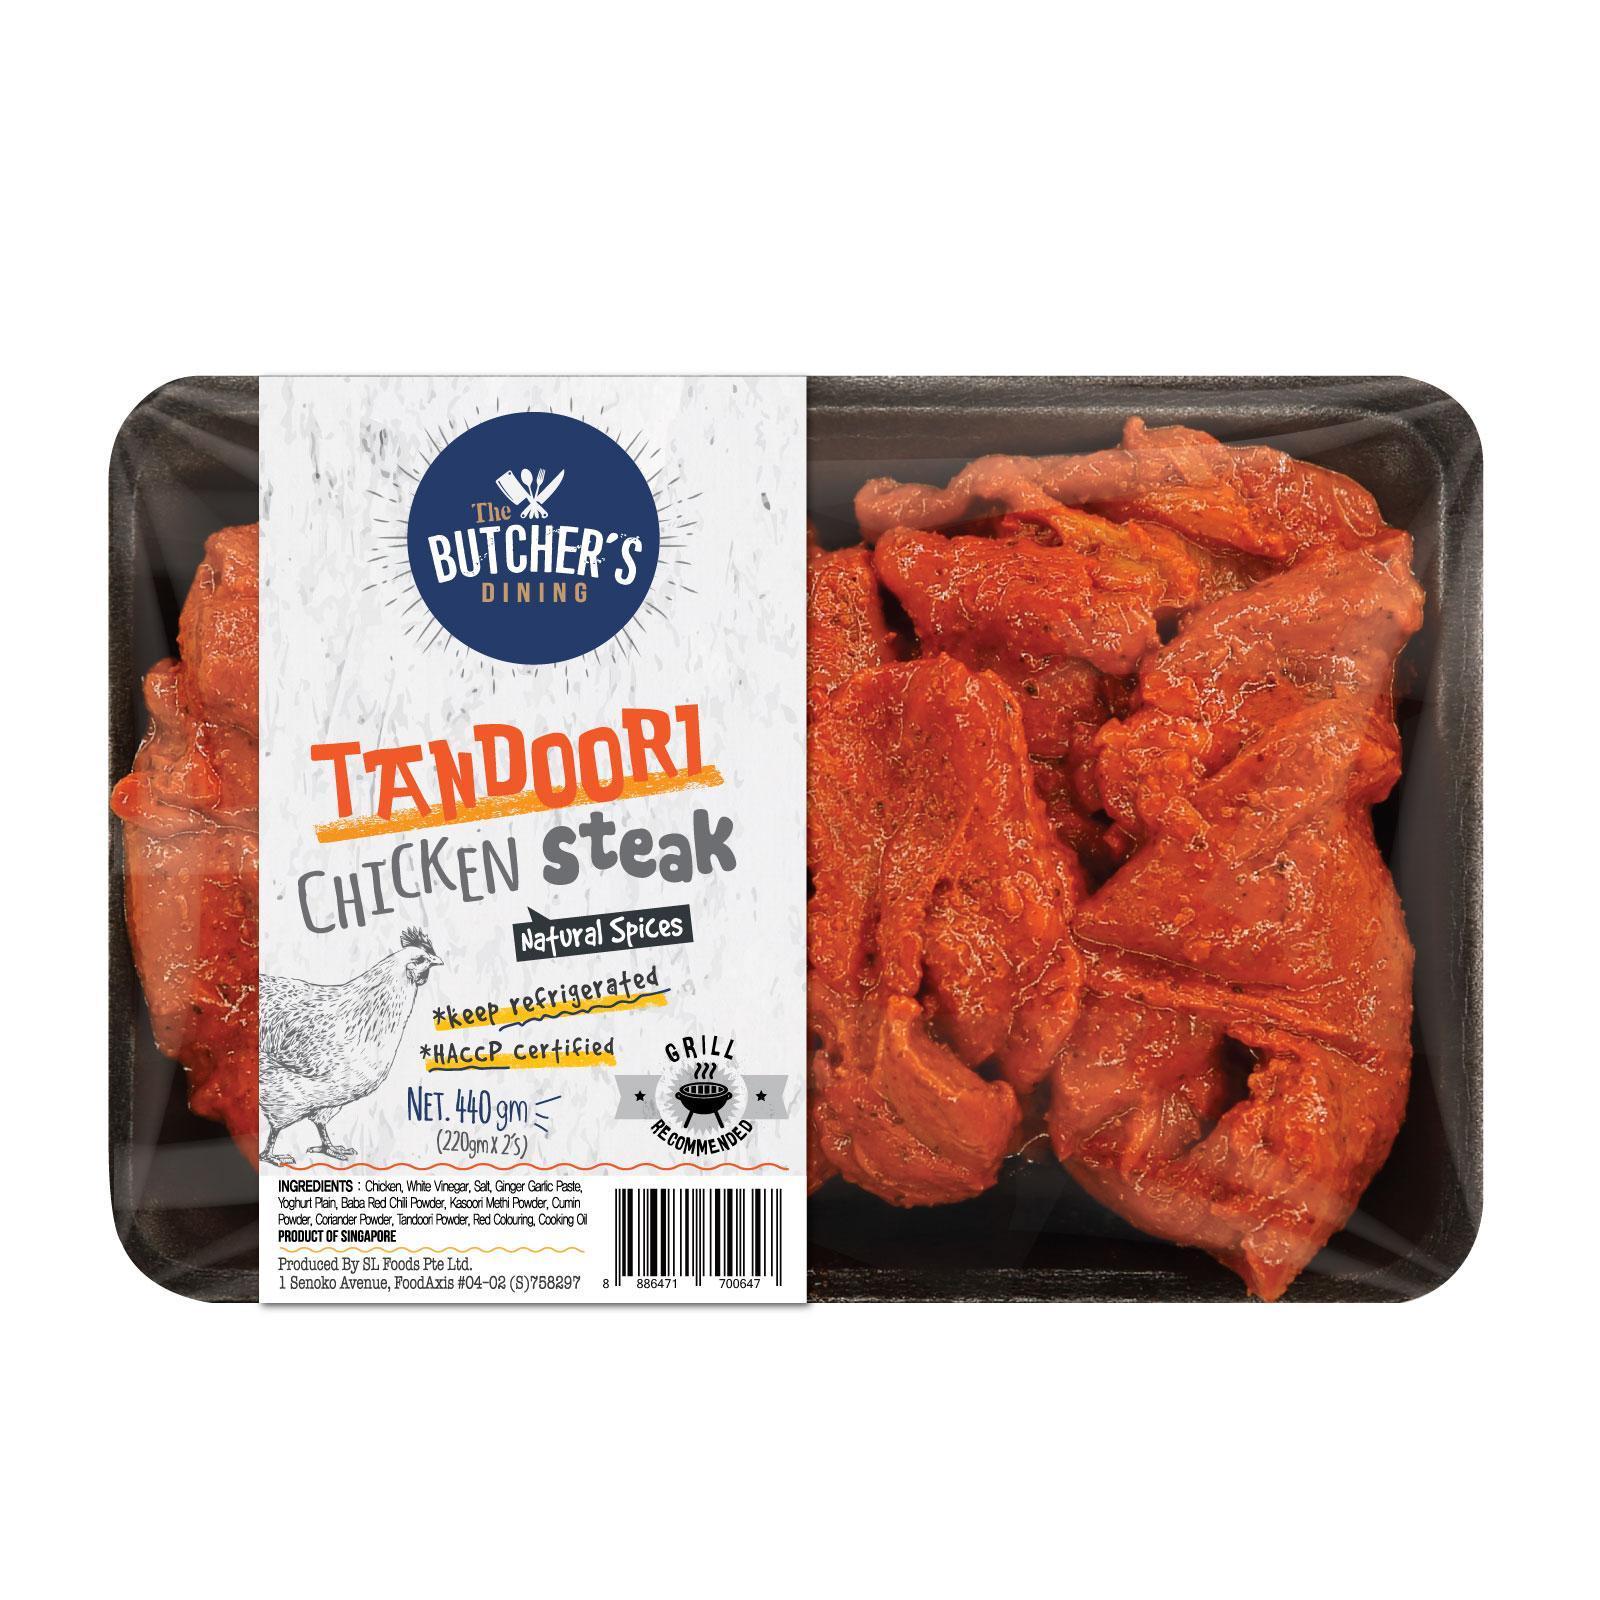 The Butcher's Dining Tandoori Chicken Steak Chop